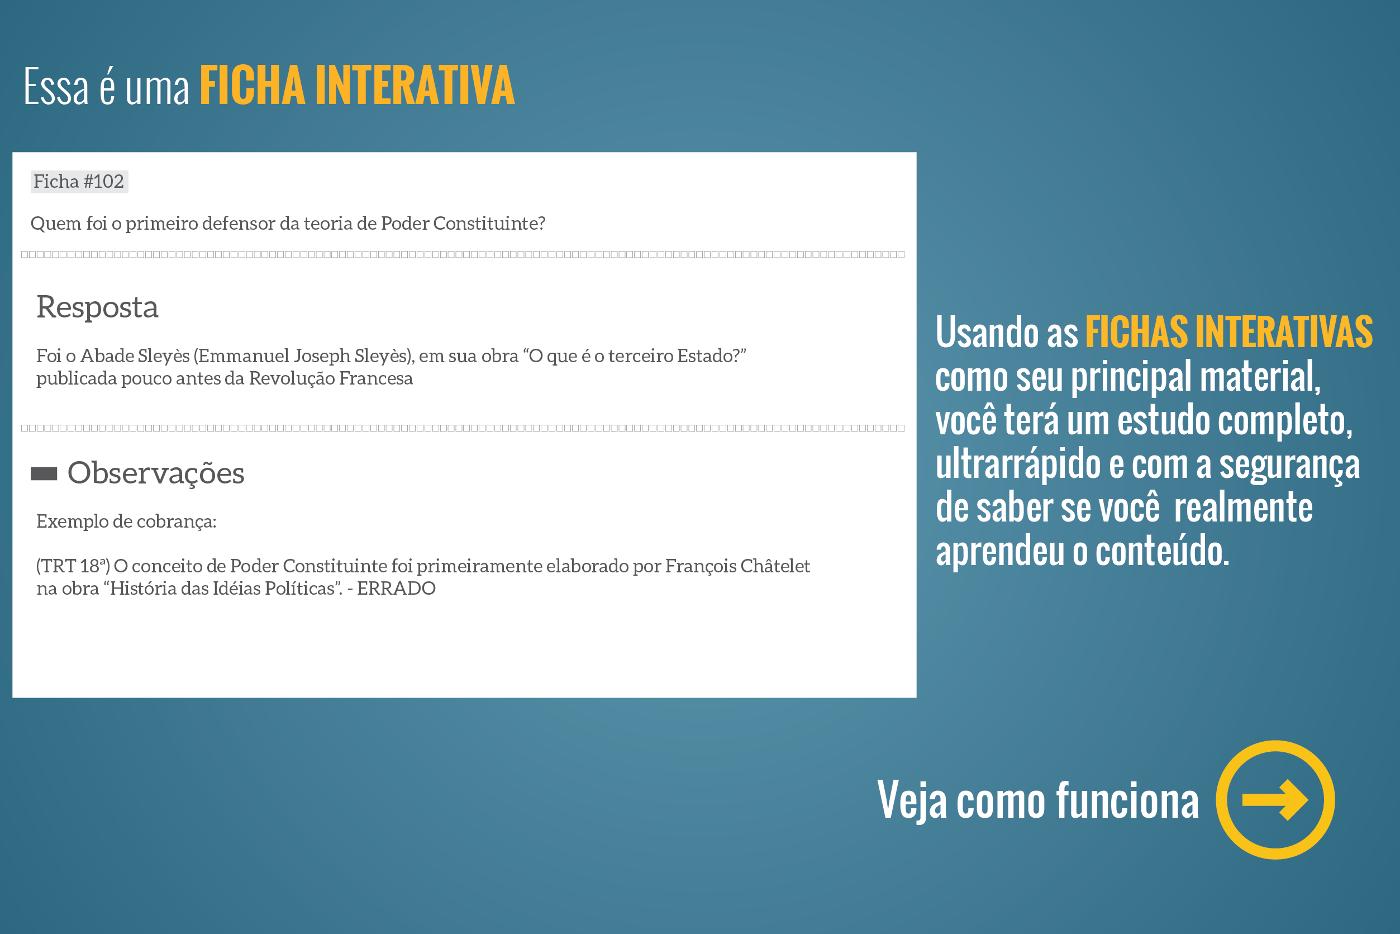 Ficha interativa